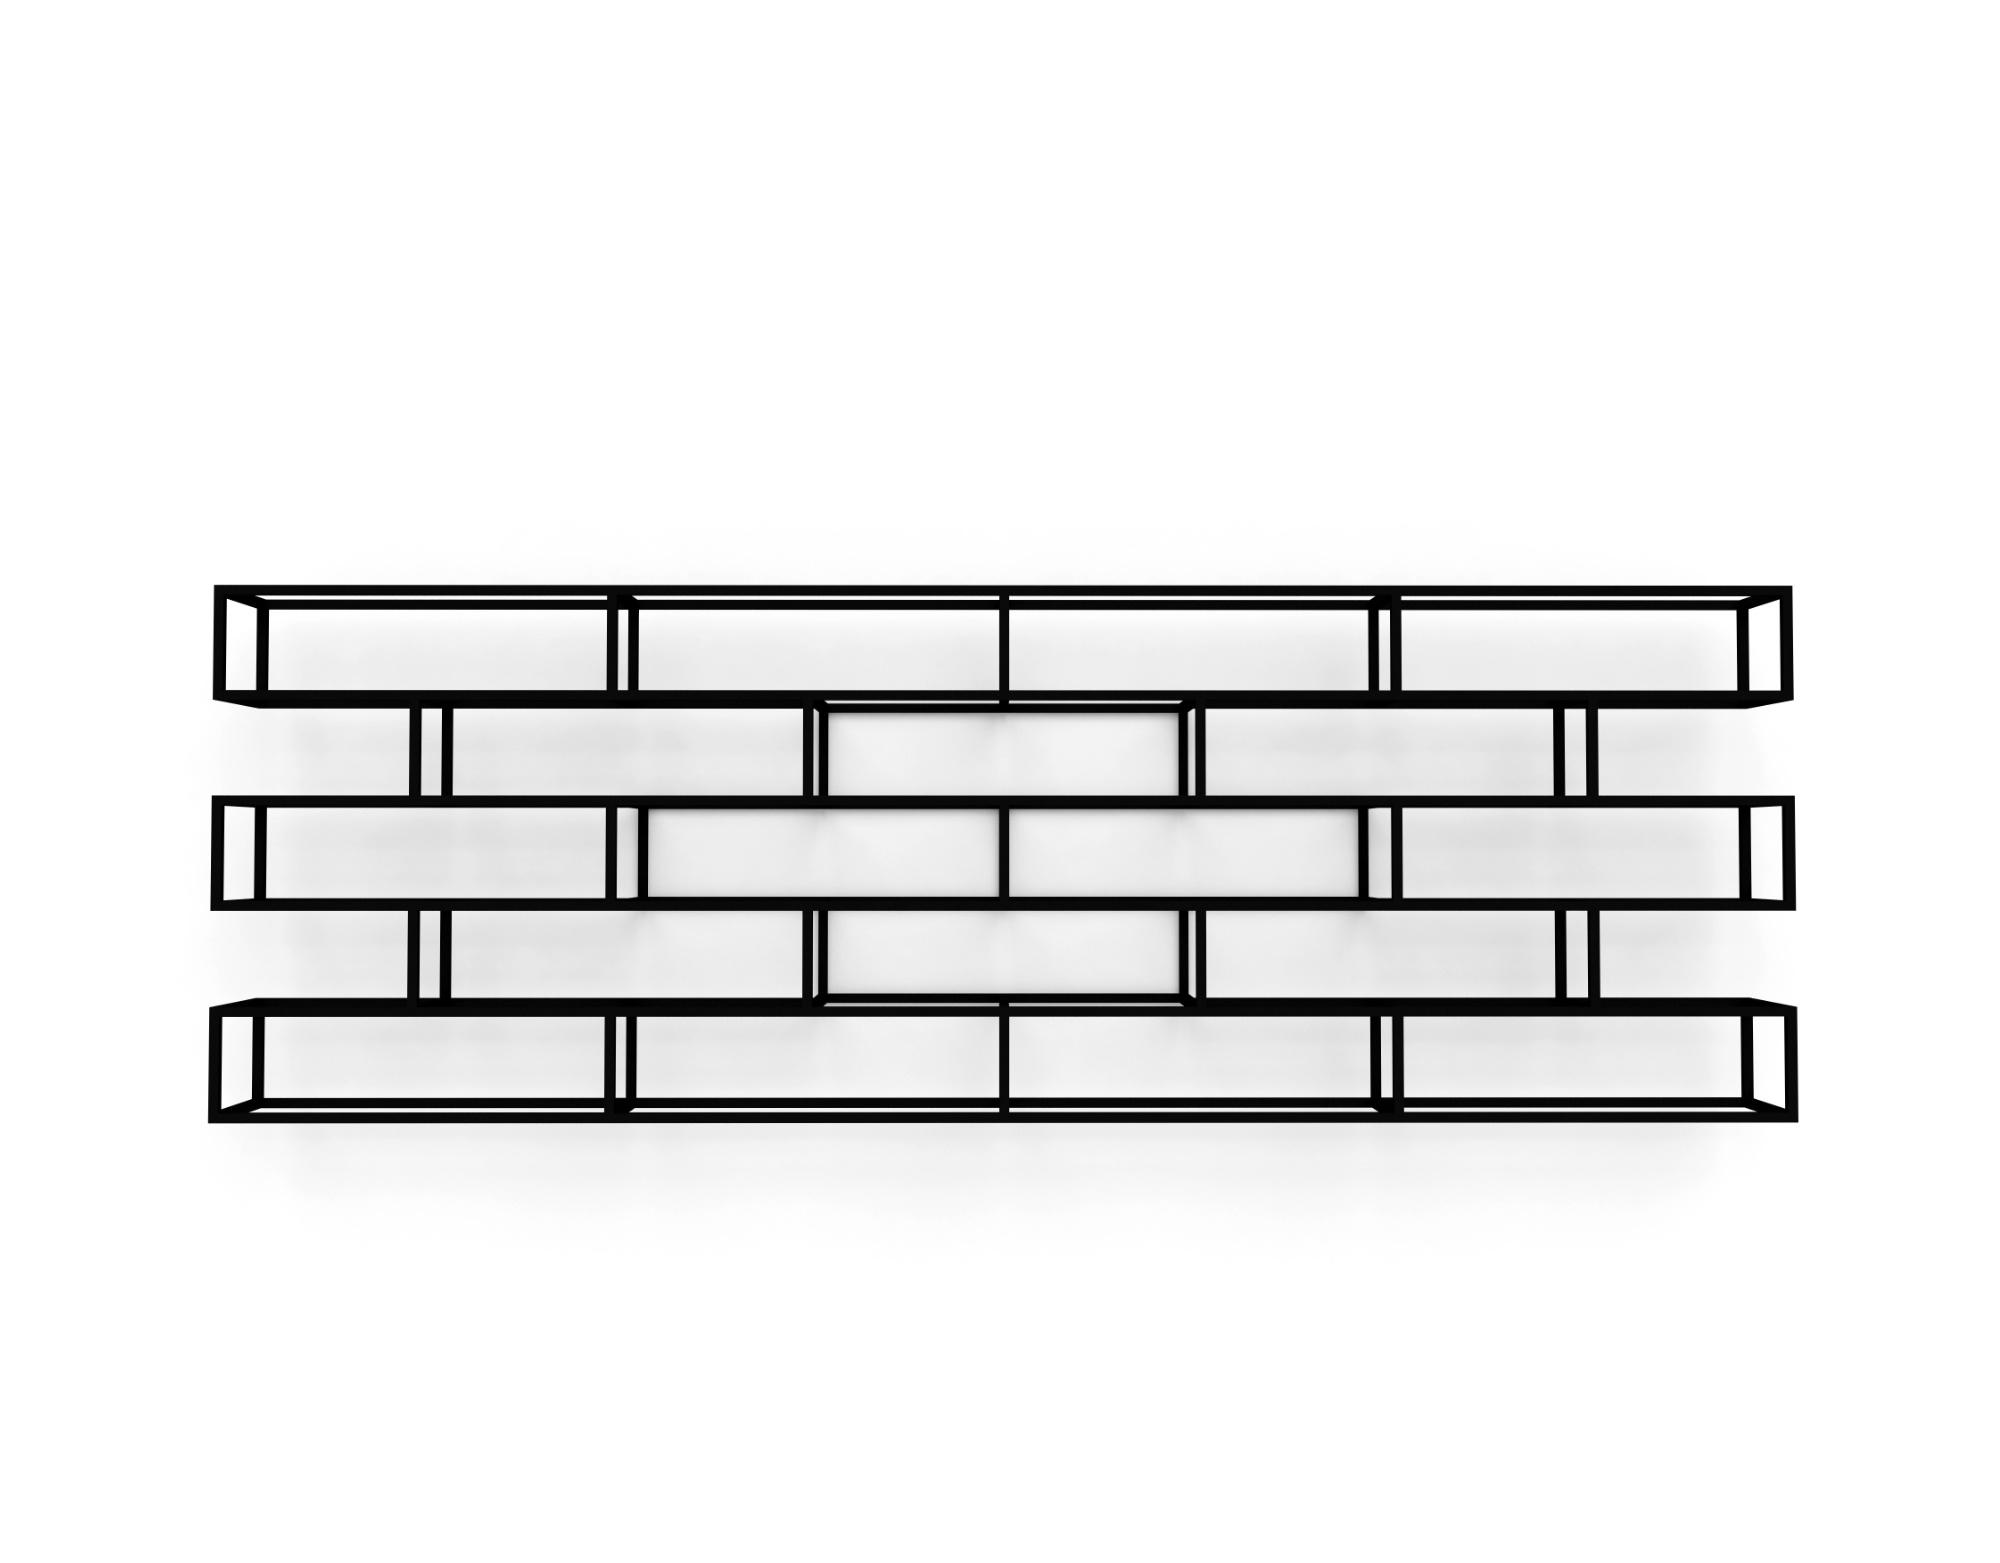 BRICKS wall by Gerard de Hoop 03